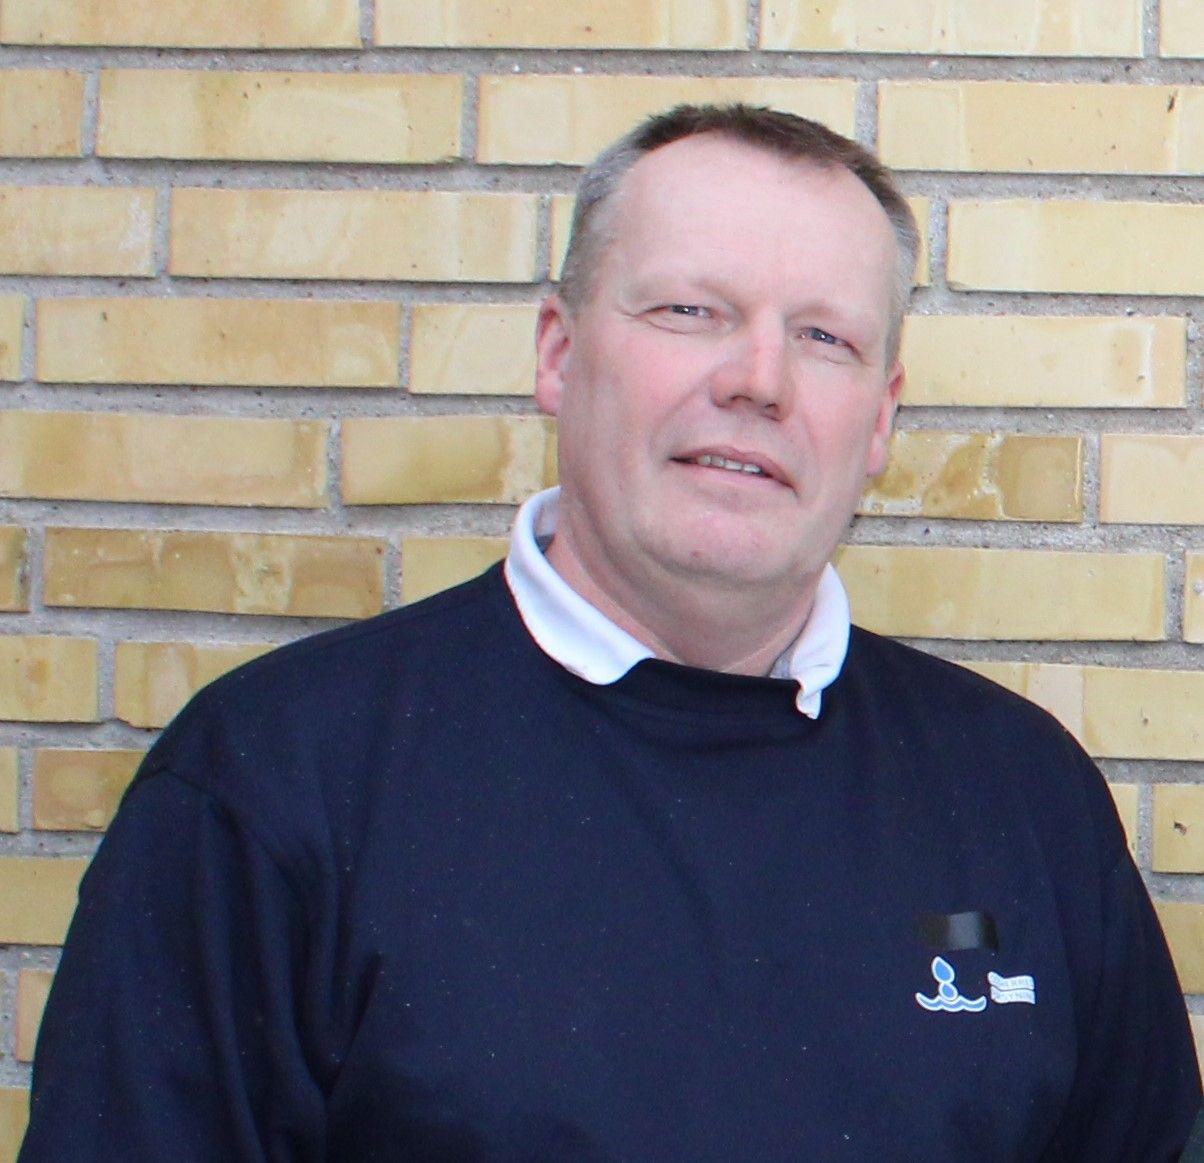 Jan V. Larsen